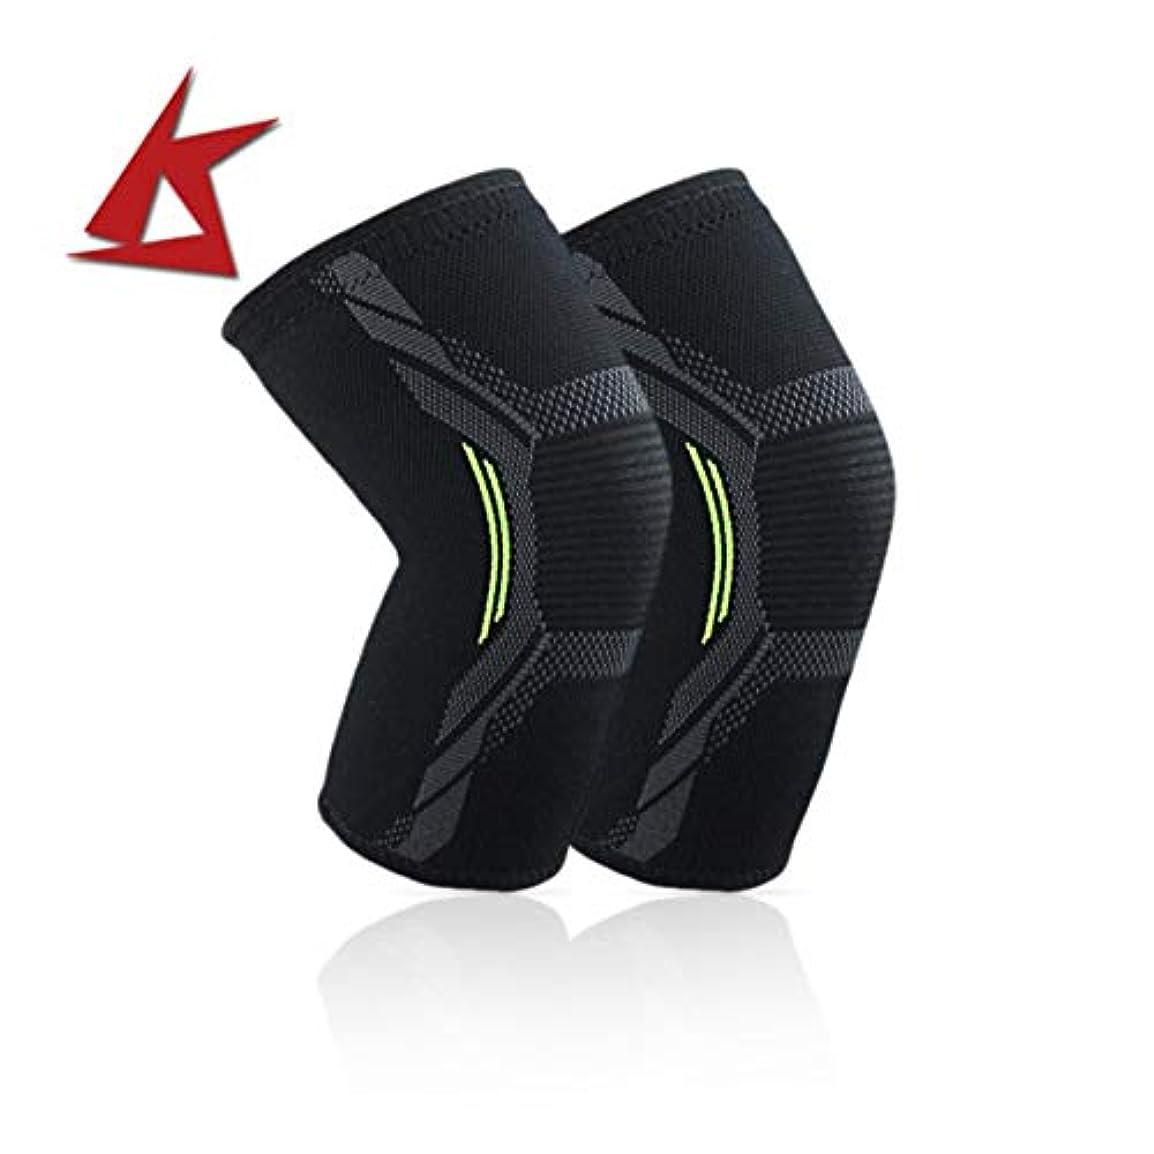 トラフィックトラフィックバルセロナニット膝パッド耐久性のあるナイロン膝ブレーススポーツ保護パッド超薄型膝サポート安全膝パッド - ブラックL